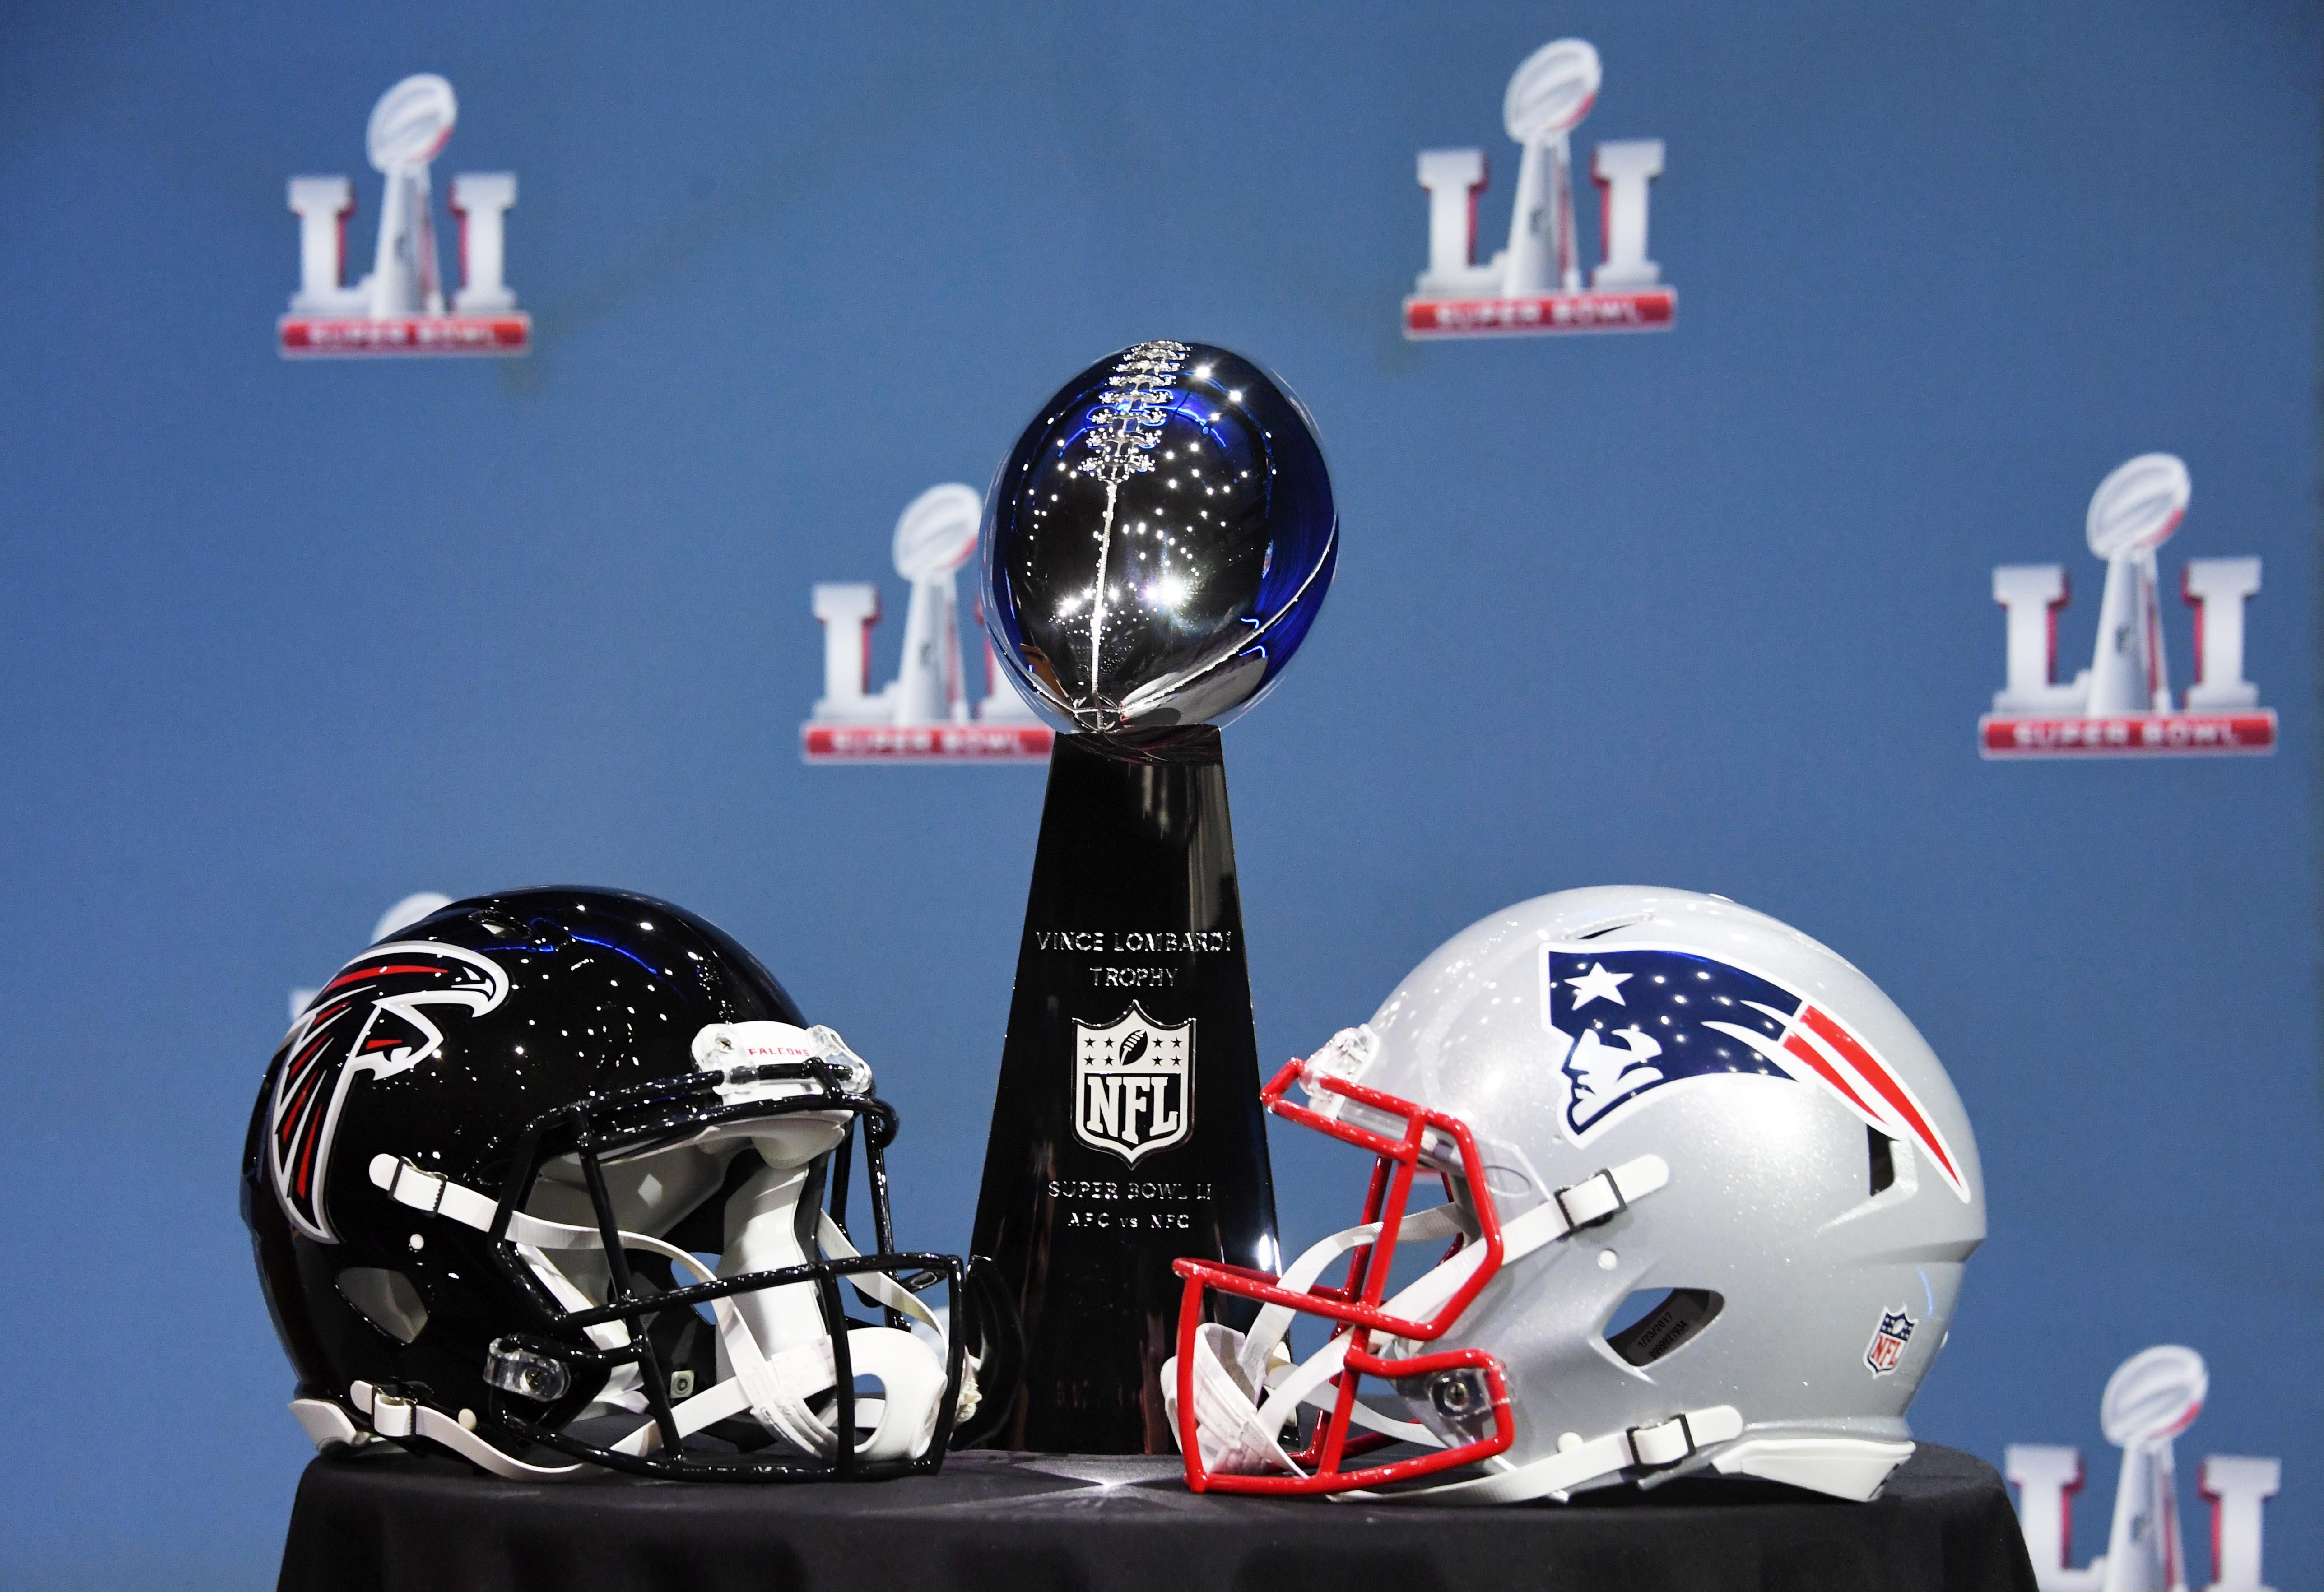 New England Patriots Super Bowl Li - Falcon super bowl us map meme